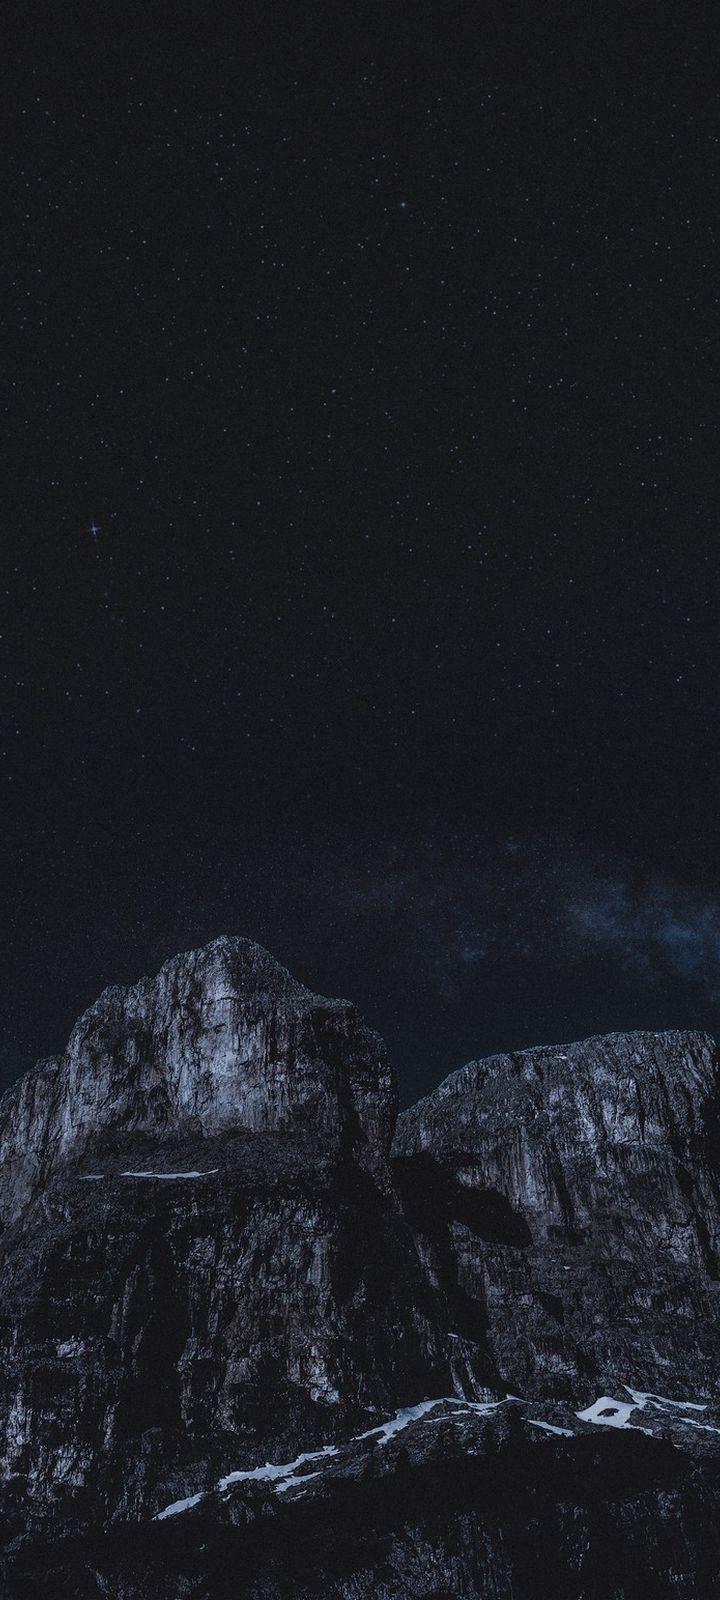 Rocks Night Stars Wallpaper 720x1600